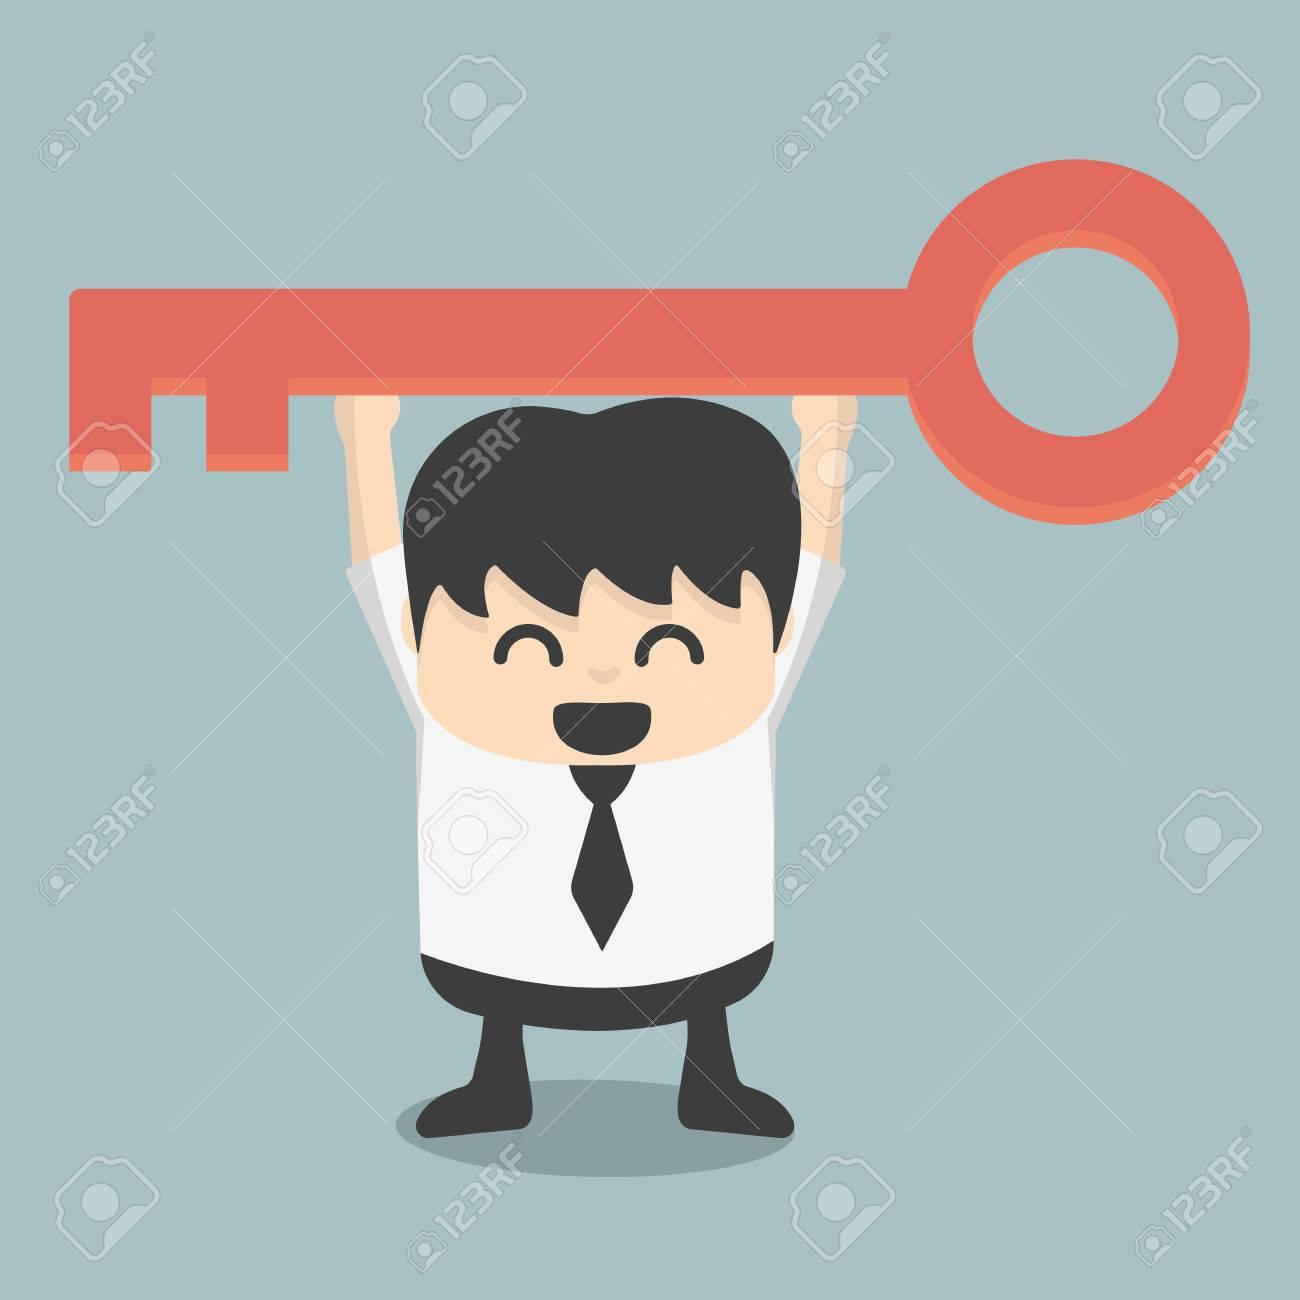 homme d'affaires est tenue d'une clé de la réussite Banque d'images - 29612489